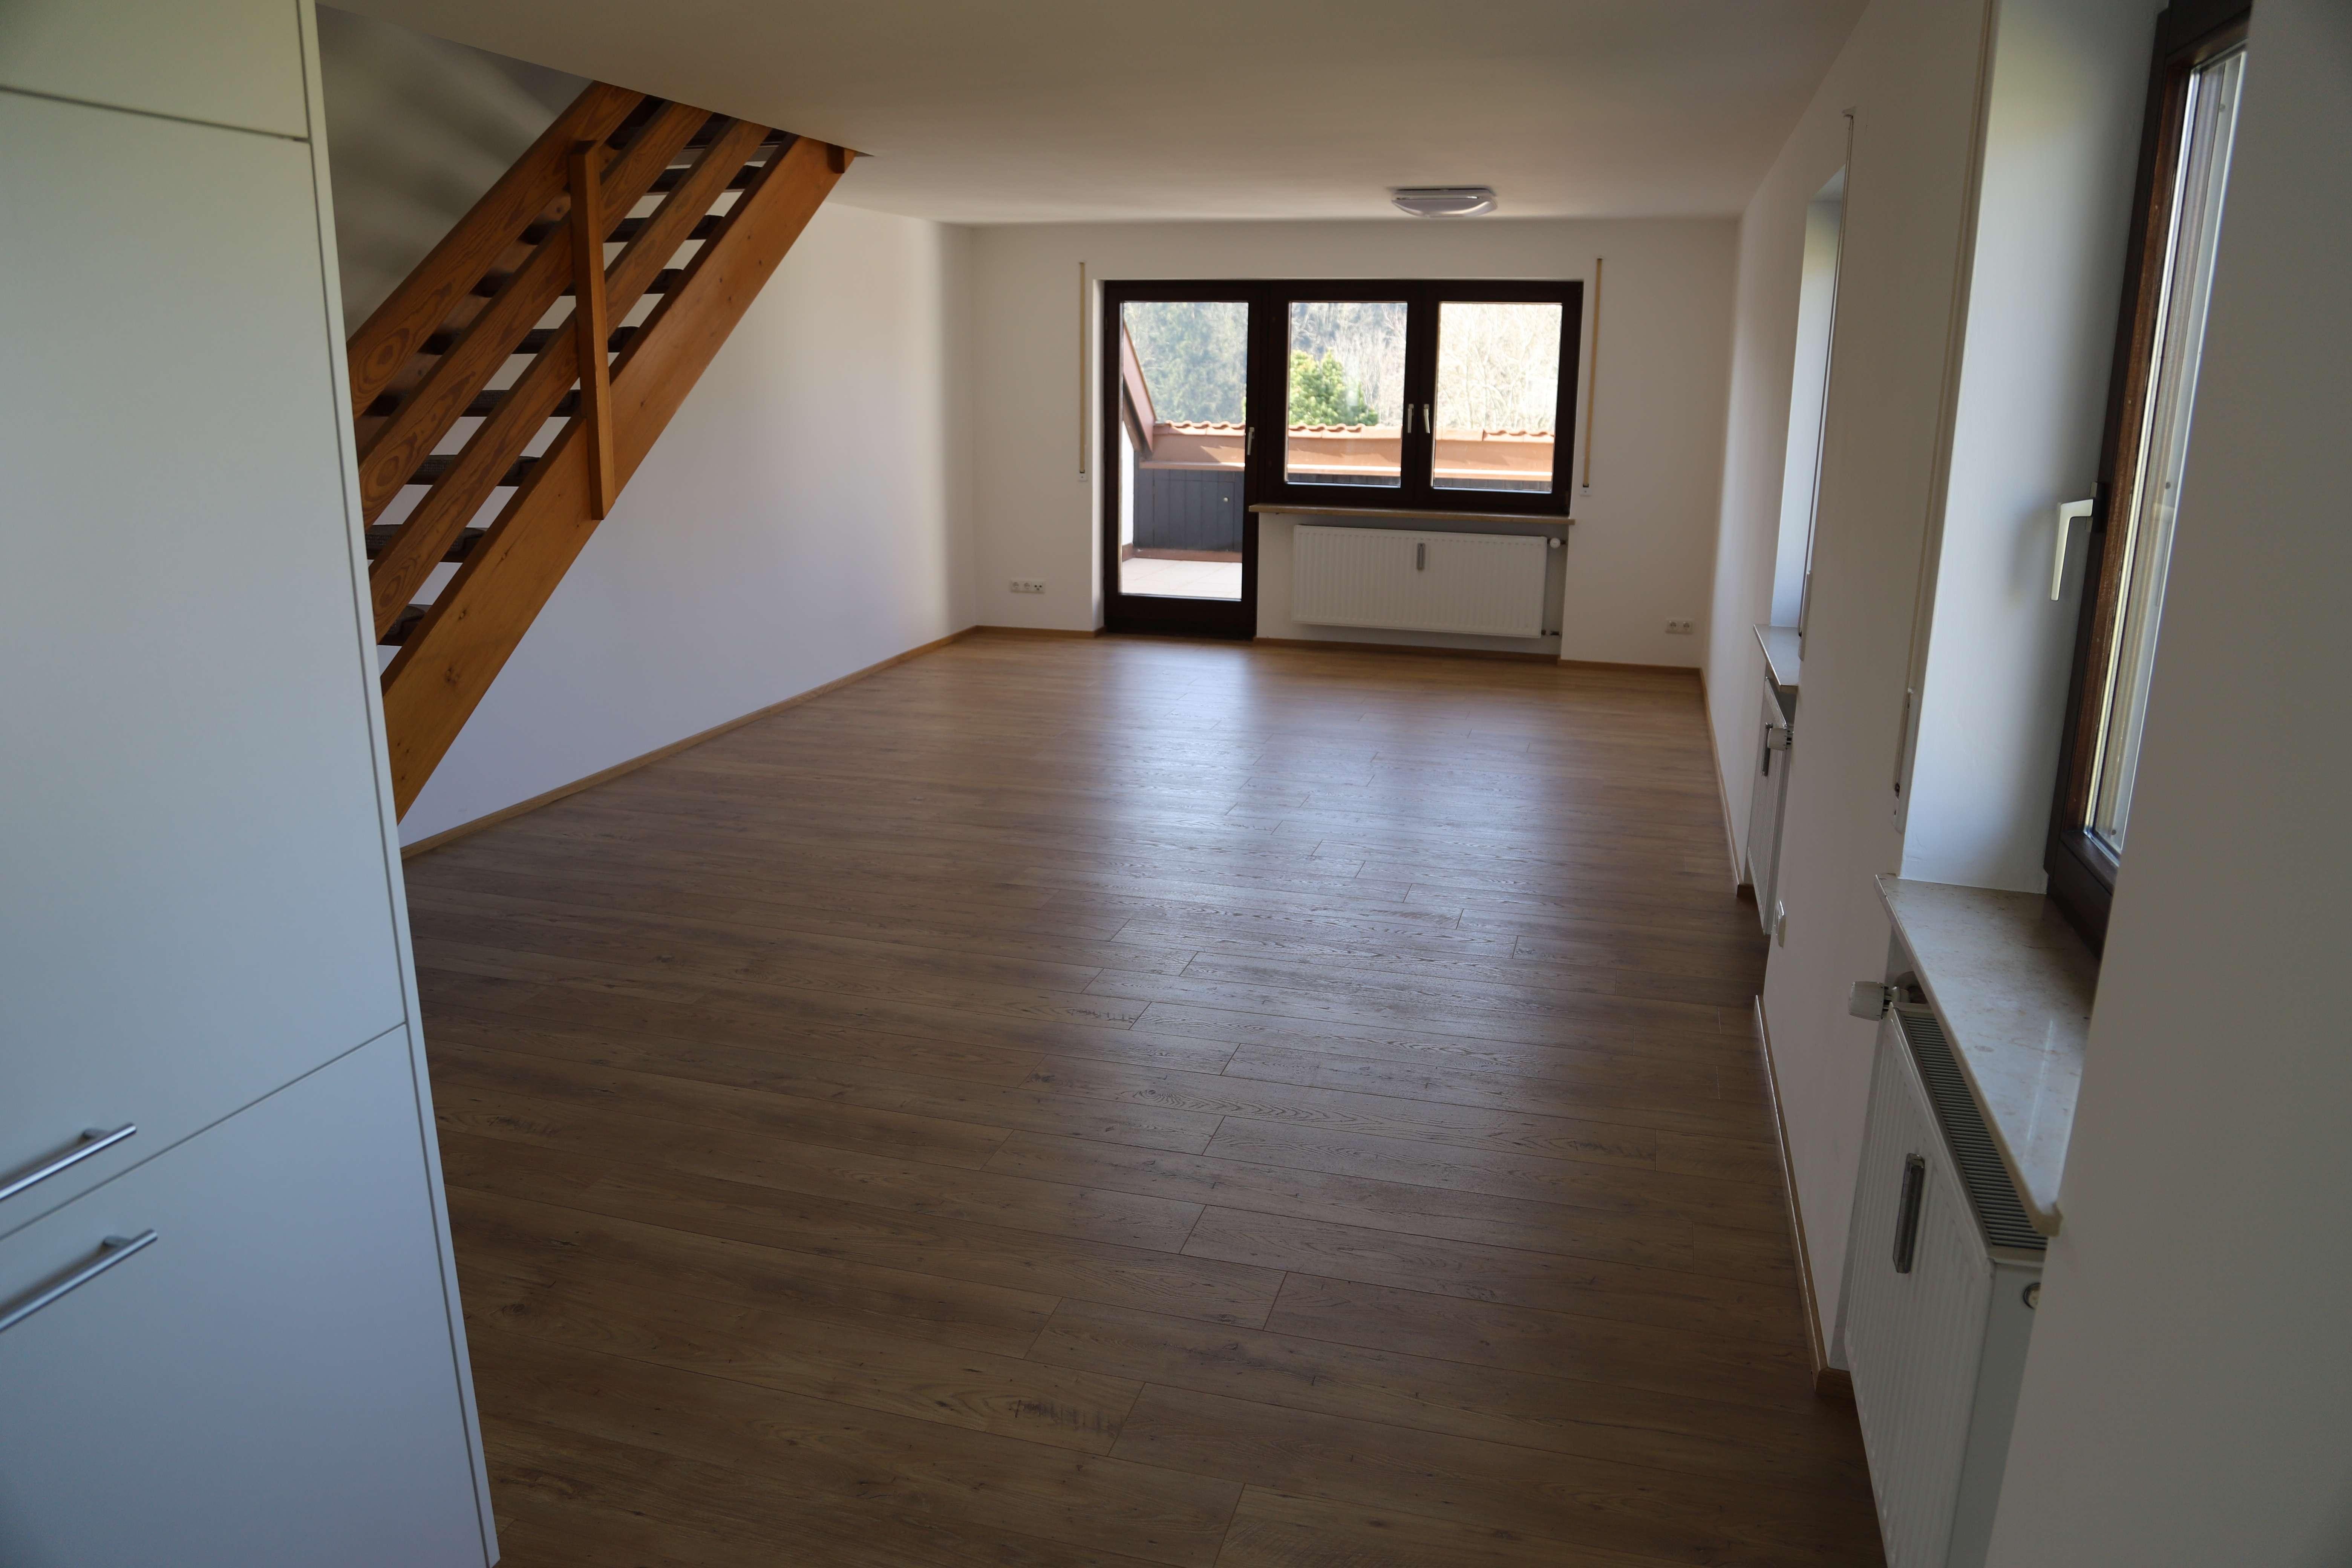 Vollständig renovierte, helle Maisonette Wohnung in ruhiger Wohnlage in